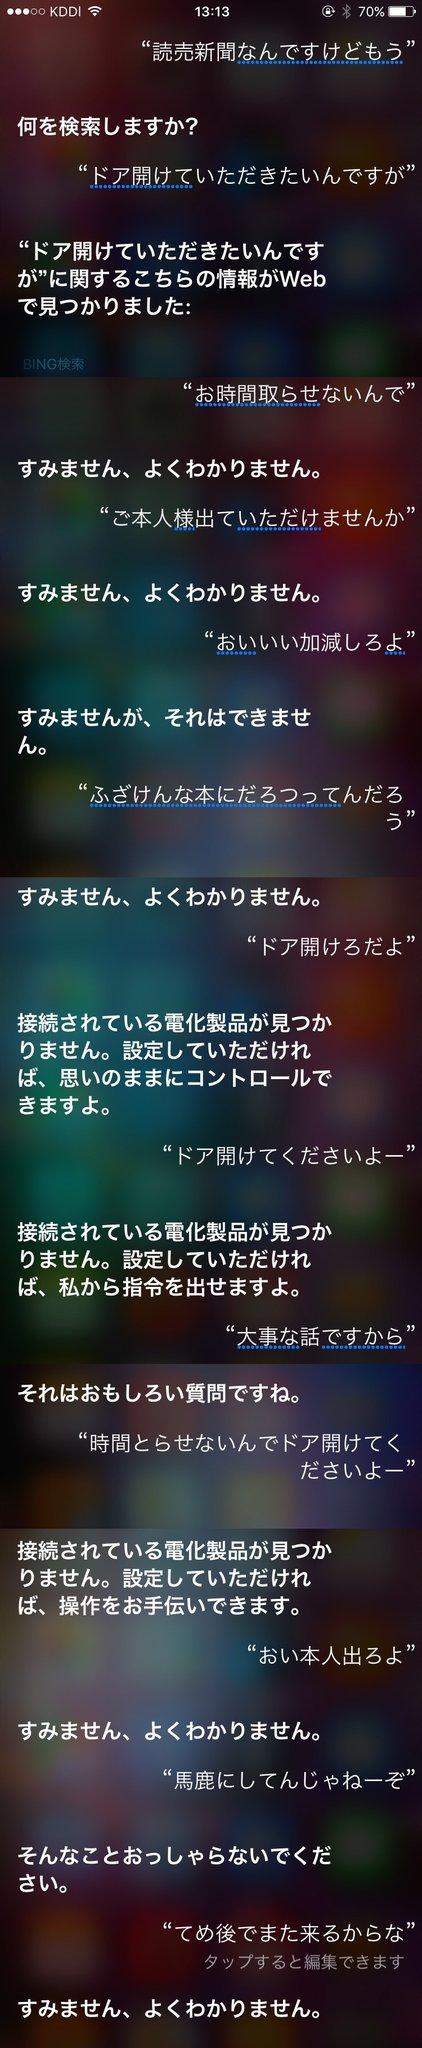 読売新聞 拡張員 インターフォン Siriに関連した画像-02